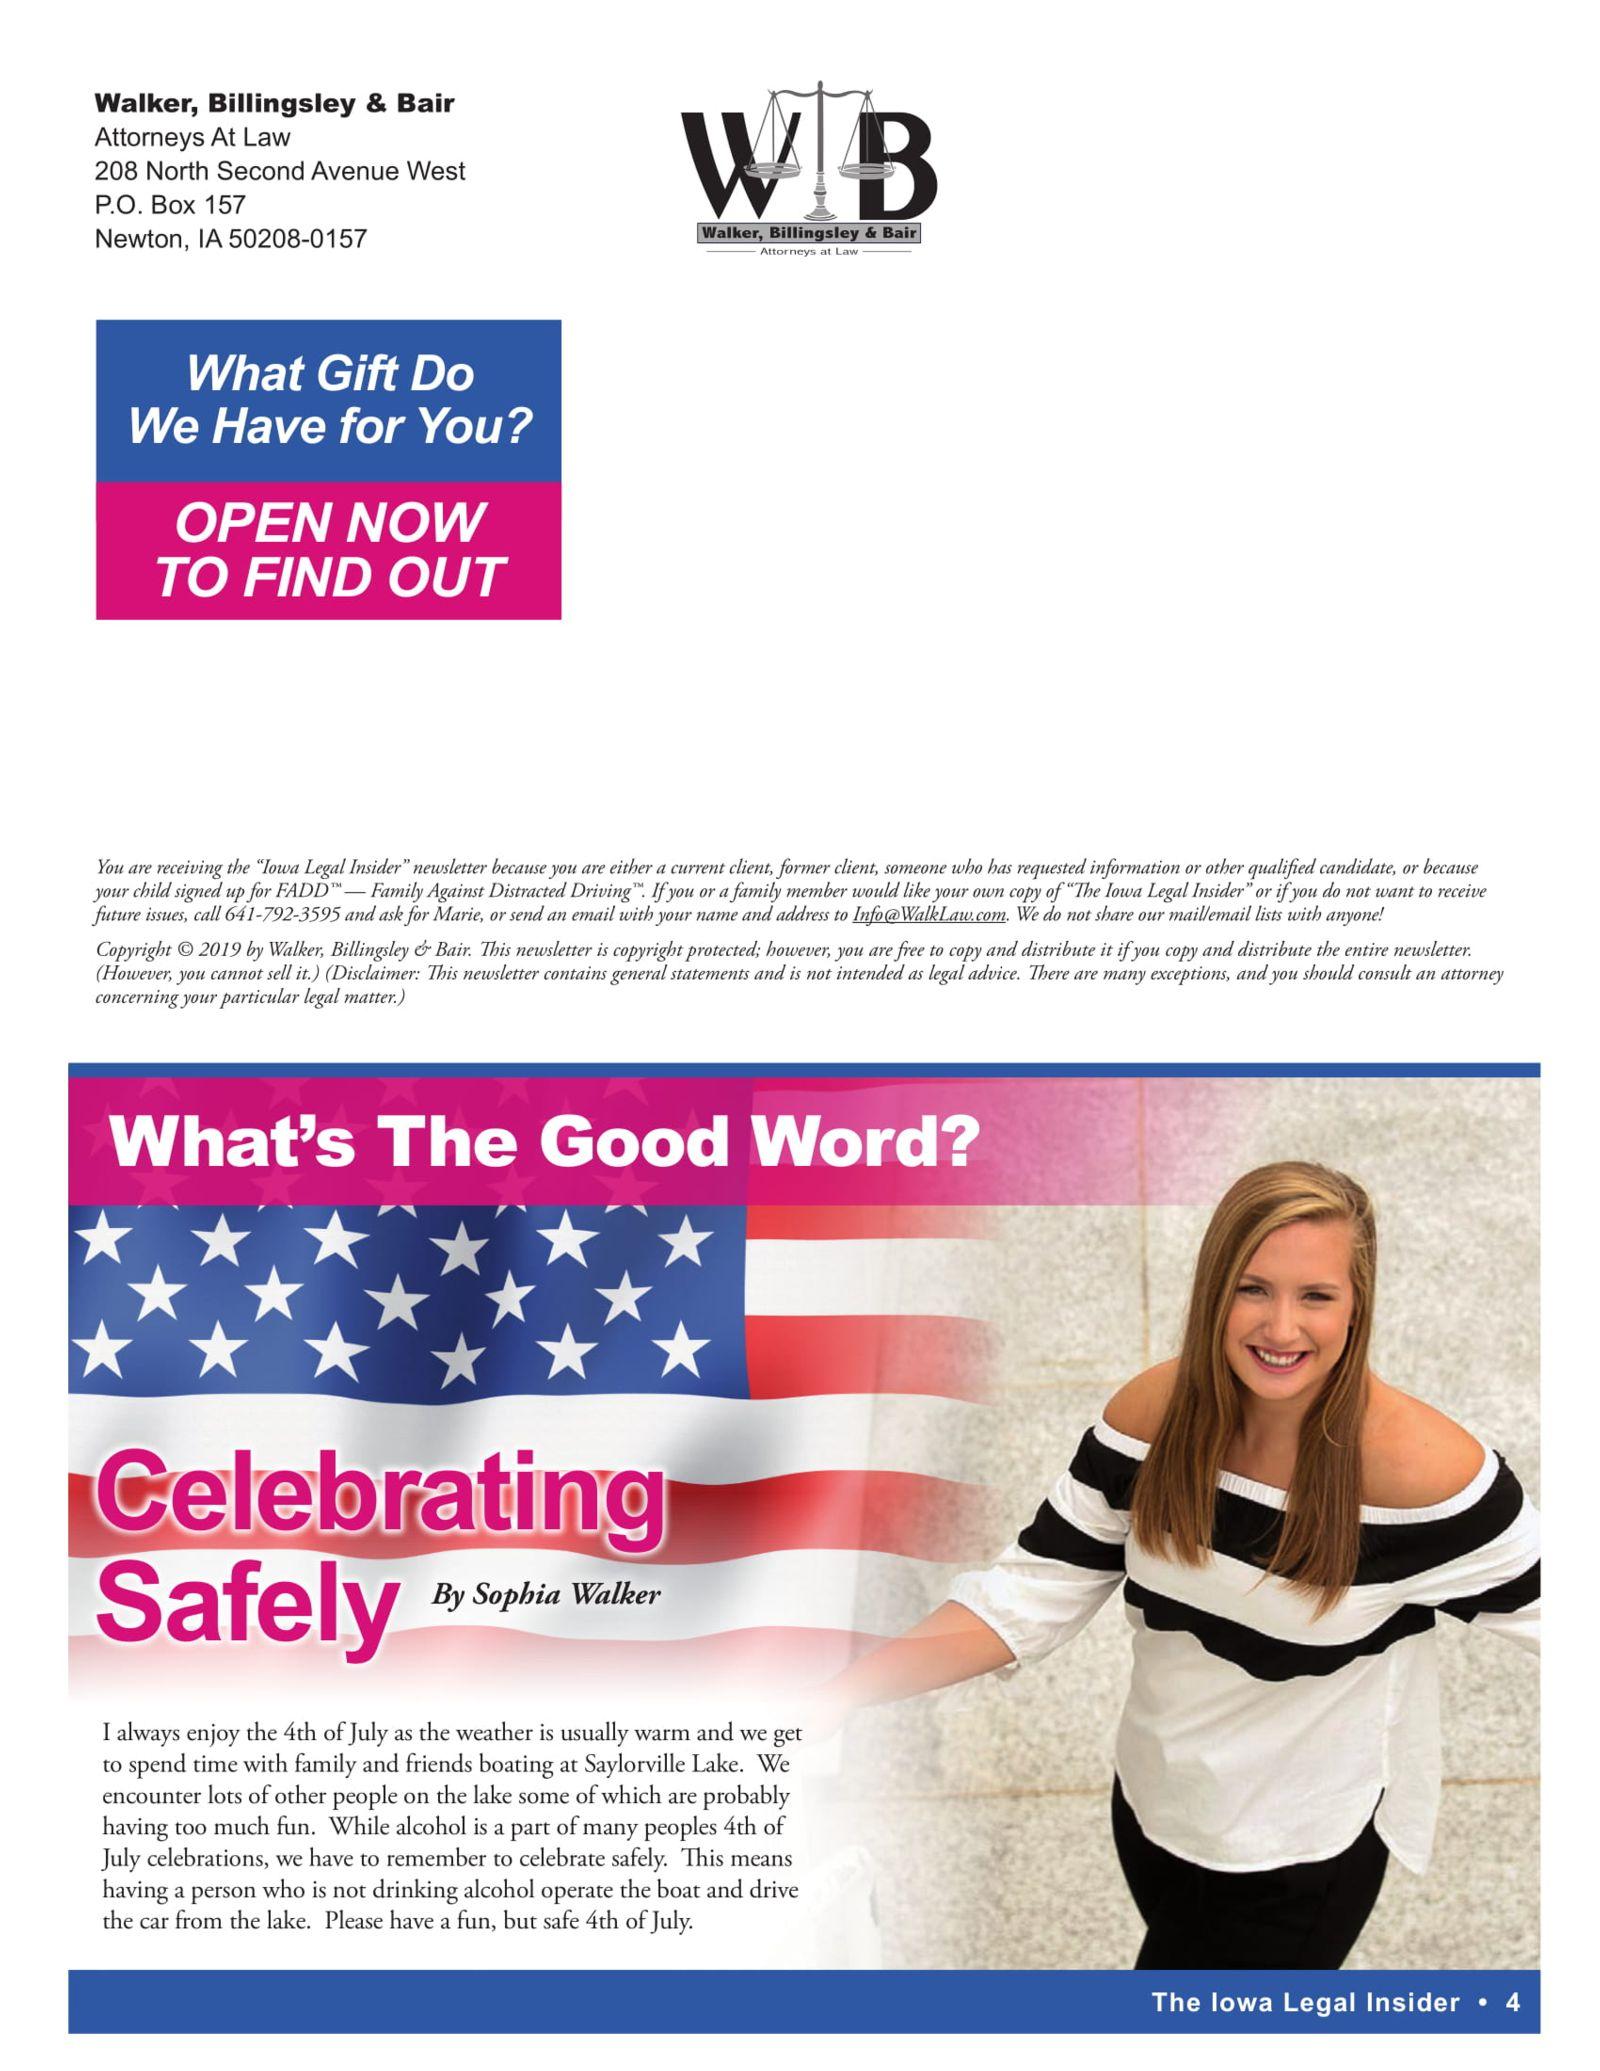 celebrating safety on july 4th